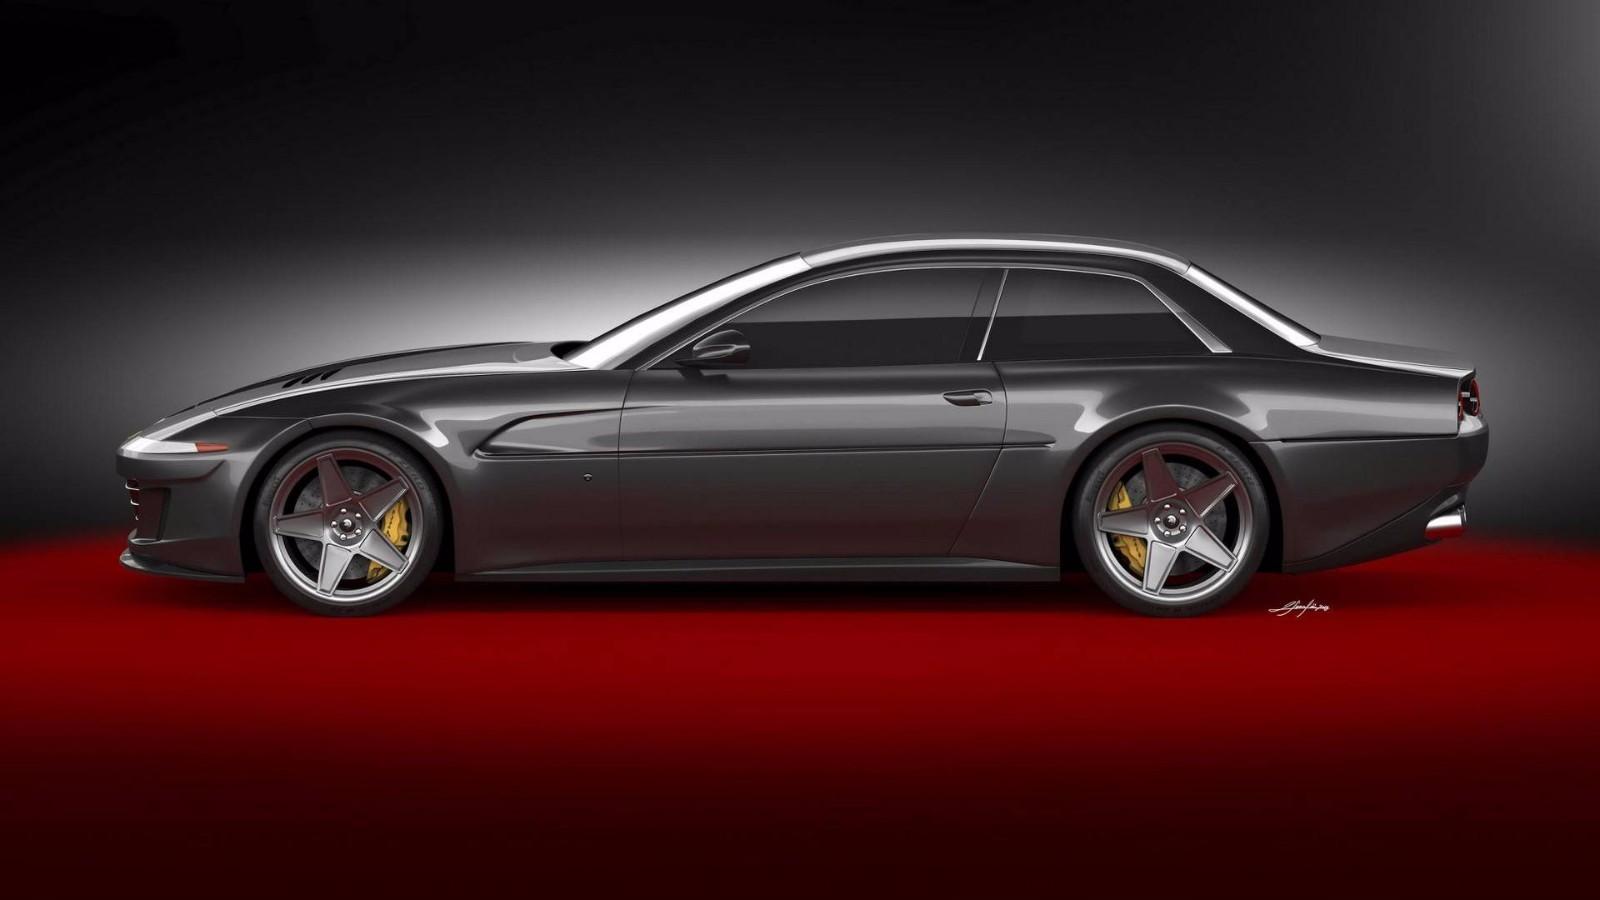 法拉利GTC4Lusso 车型非常复古